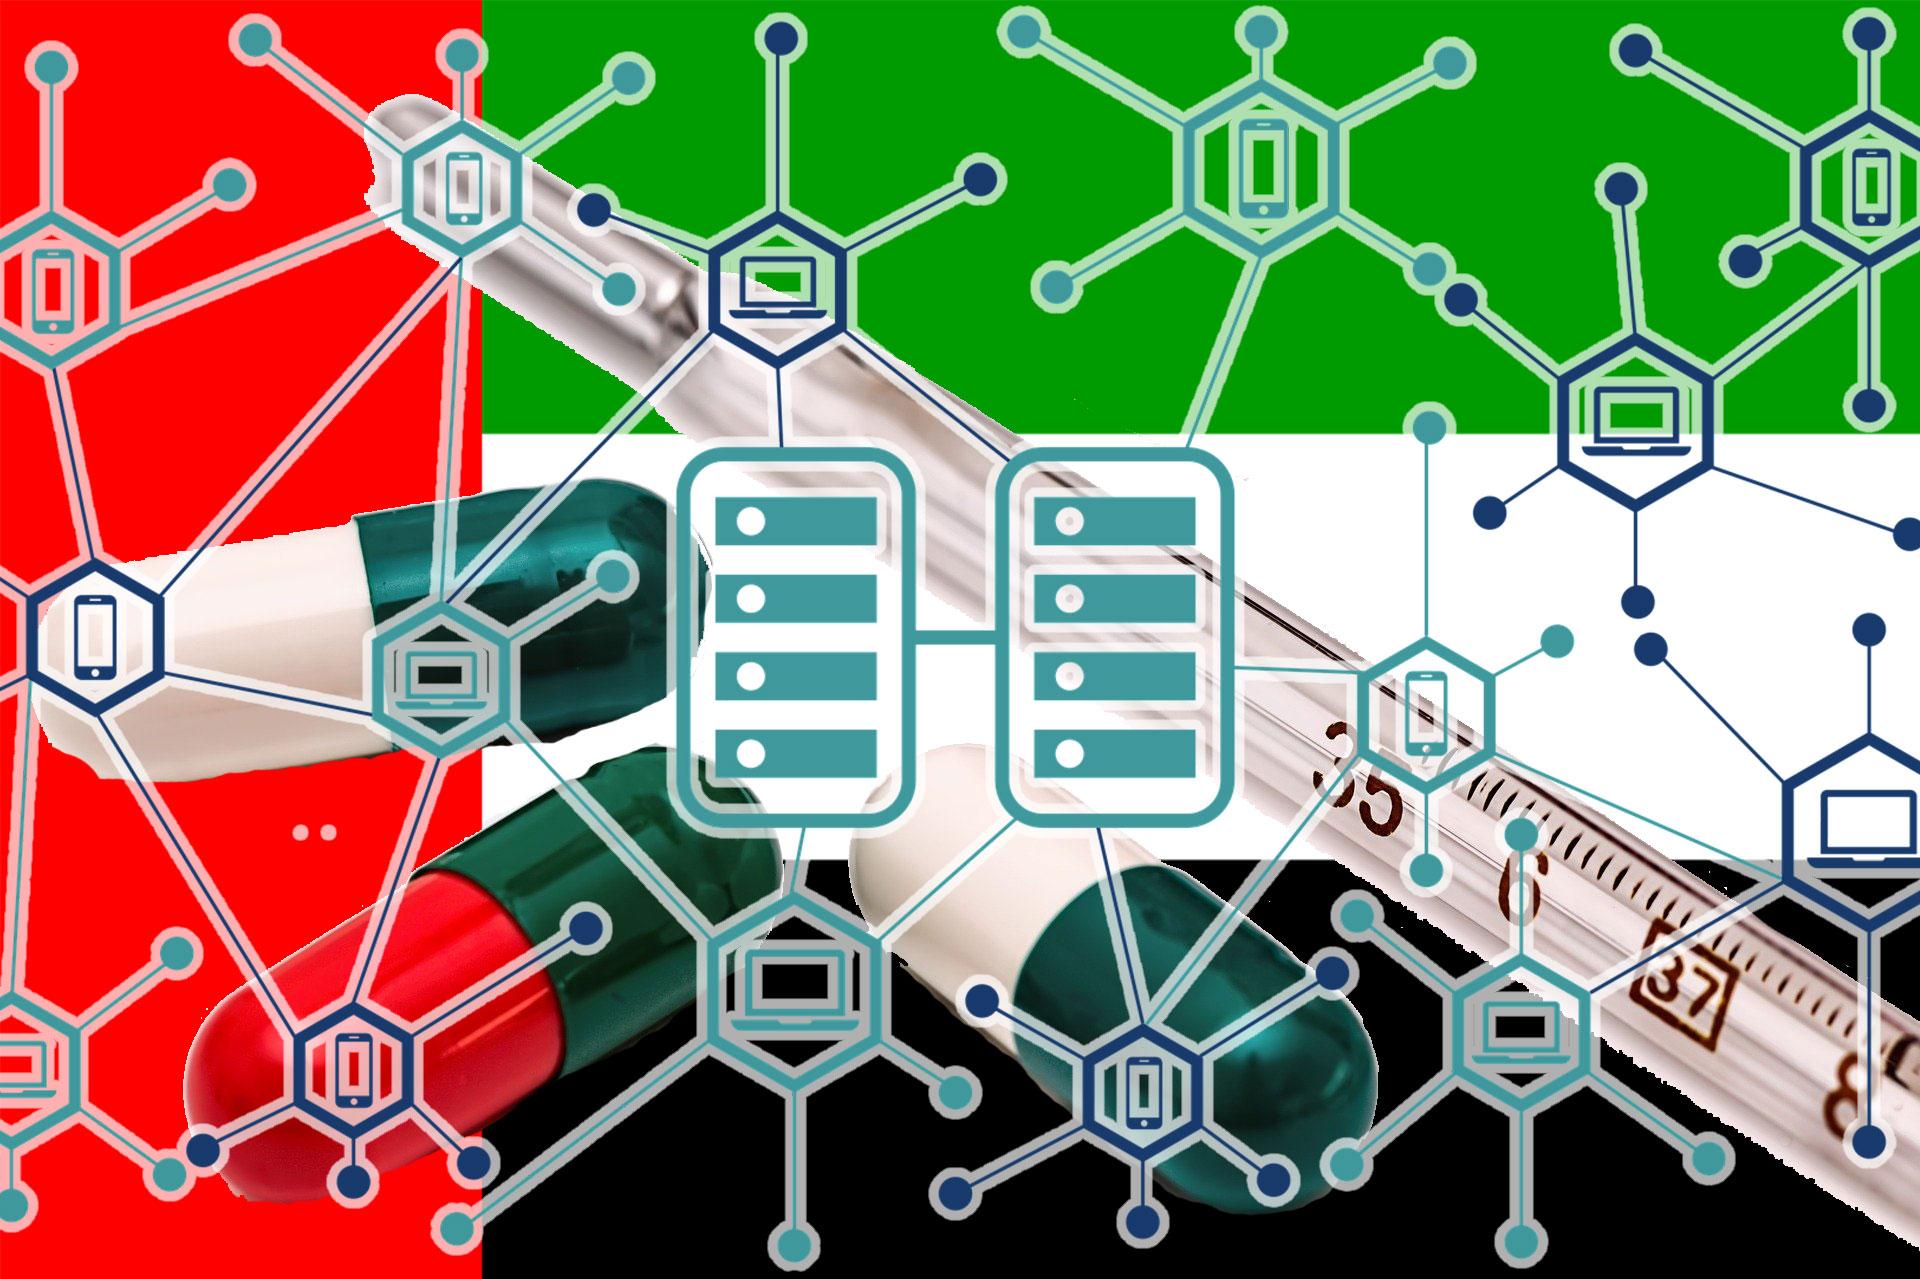 UAE保健予防省、医療データベースのブロックチェーンプラットフォームを発表!